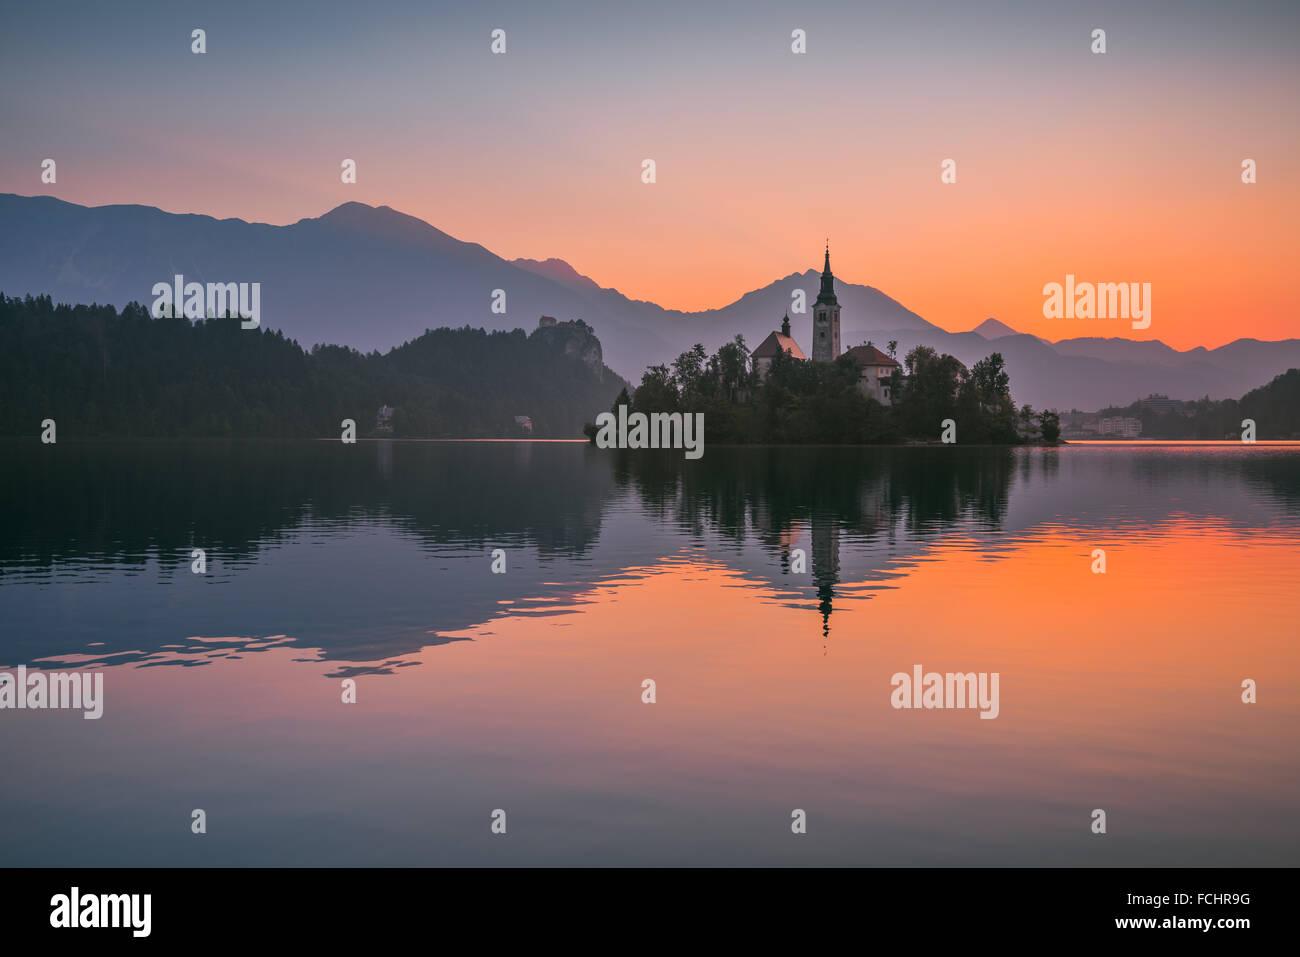 Kleine Insel mit ihn in Bled See, Slowenien bei Sonnenaufgang mit Schloss und die Berge im Hintergrund Stockbild